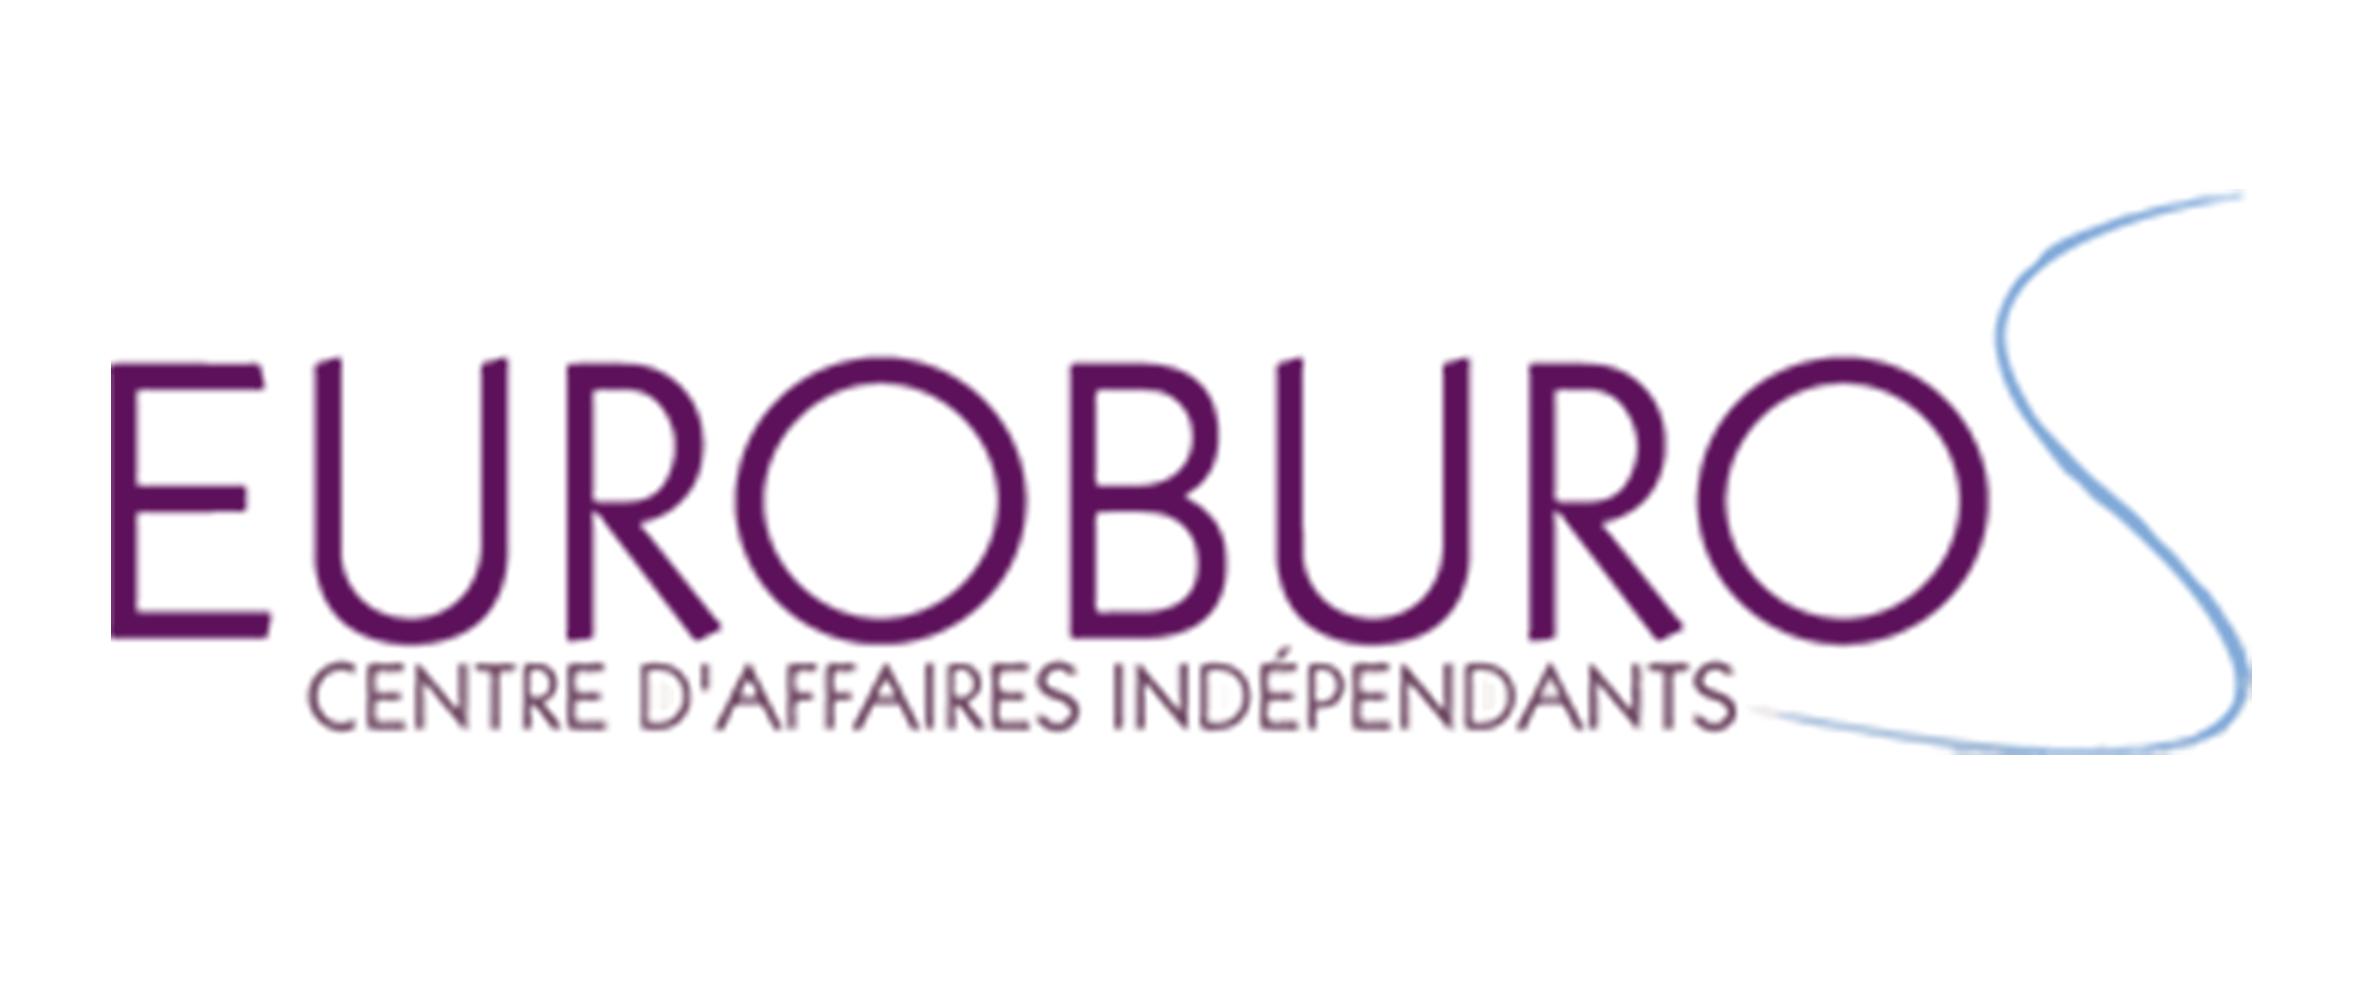 Euroburos